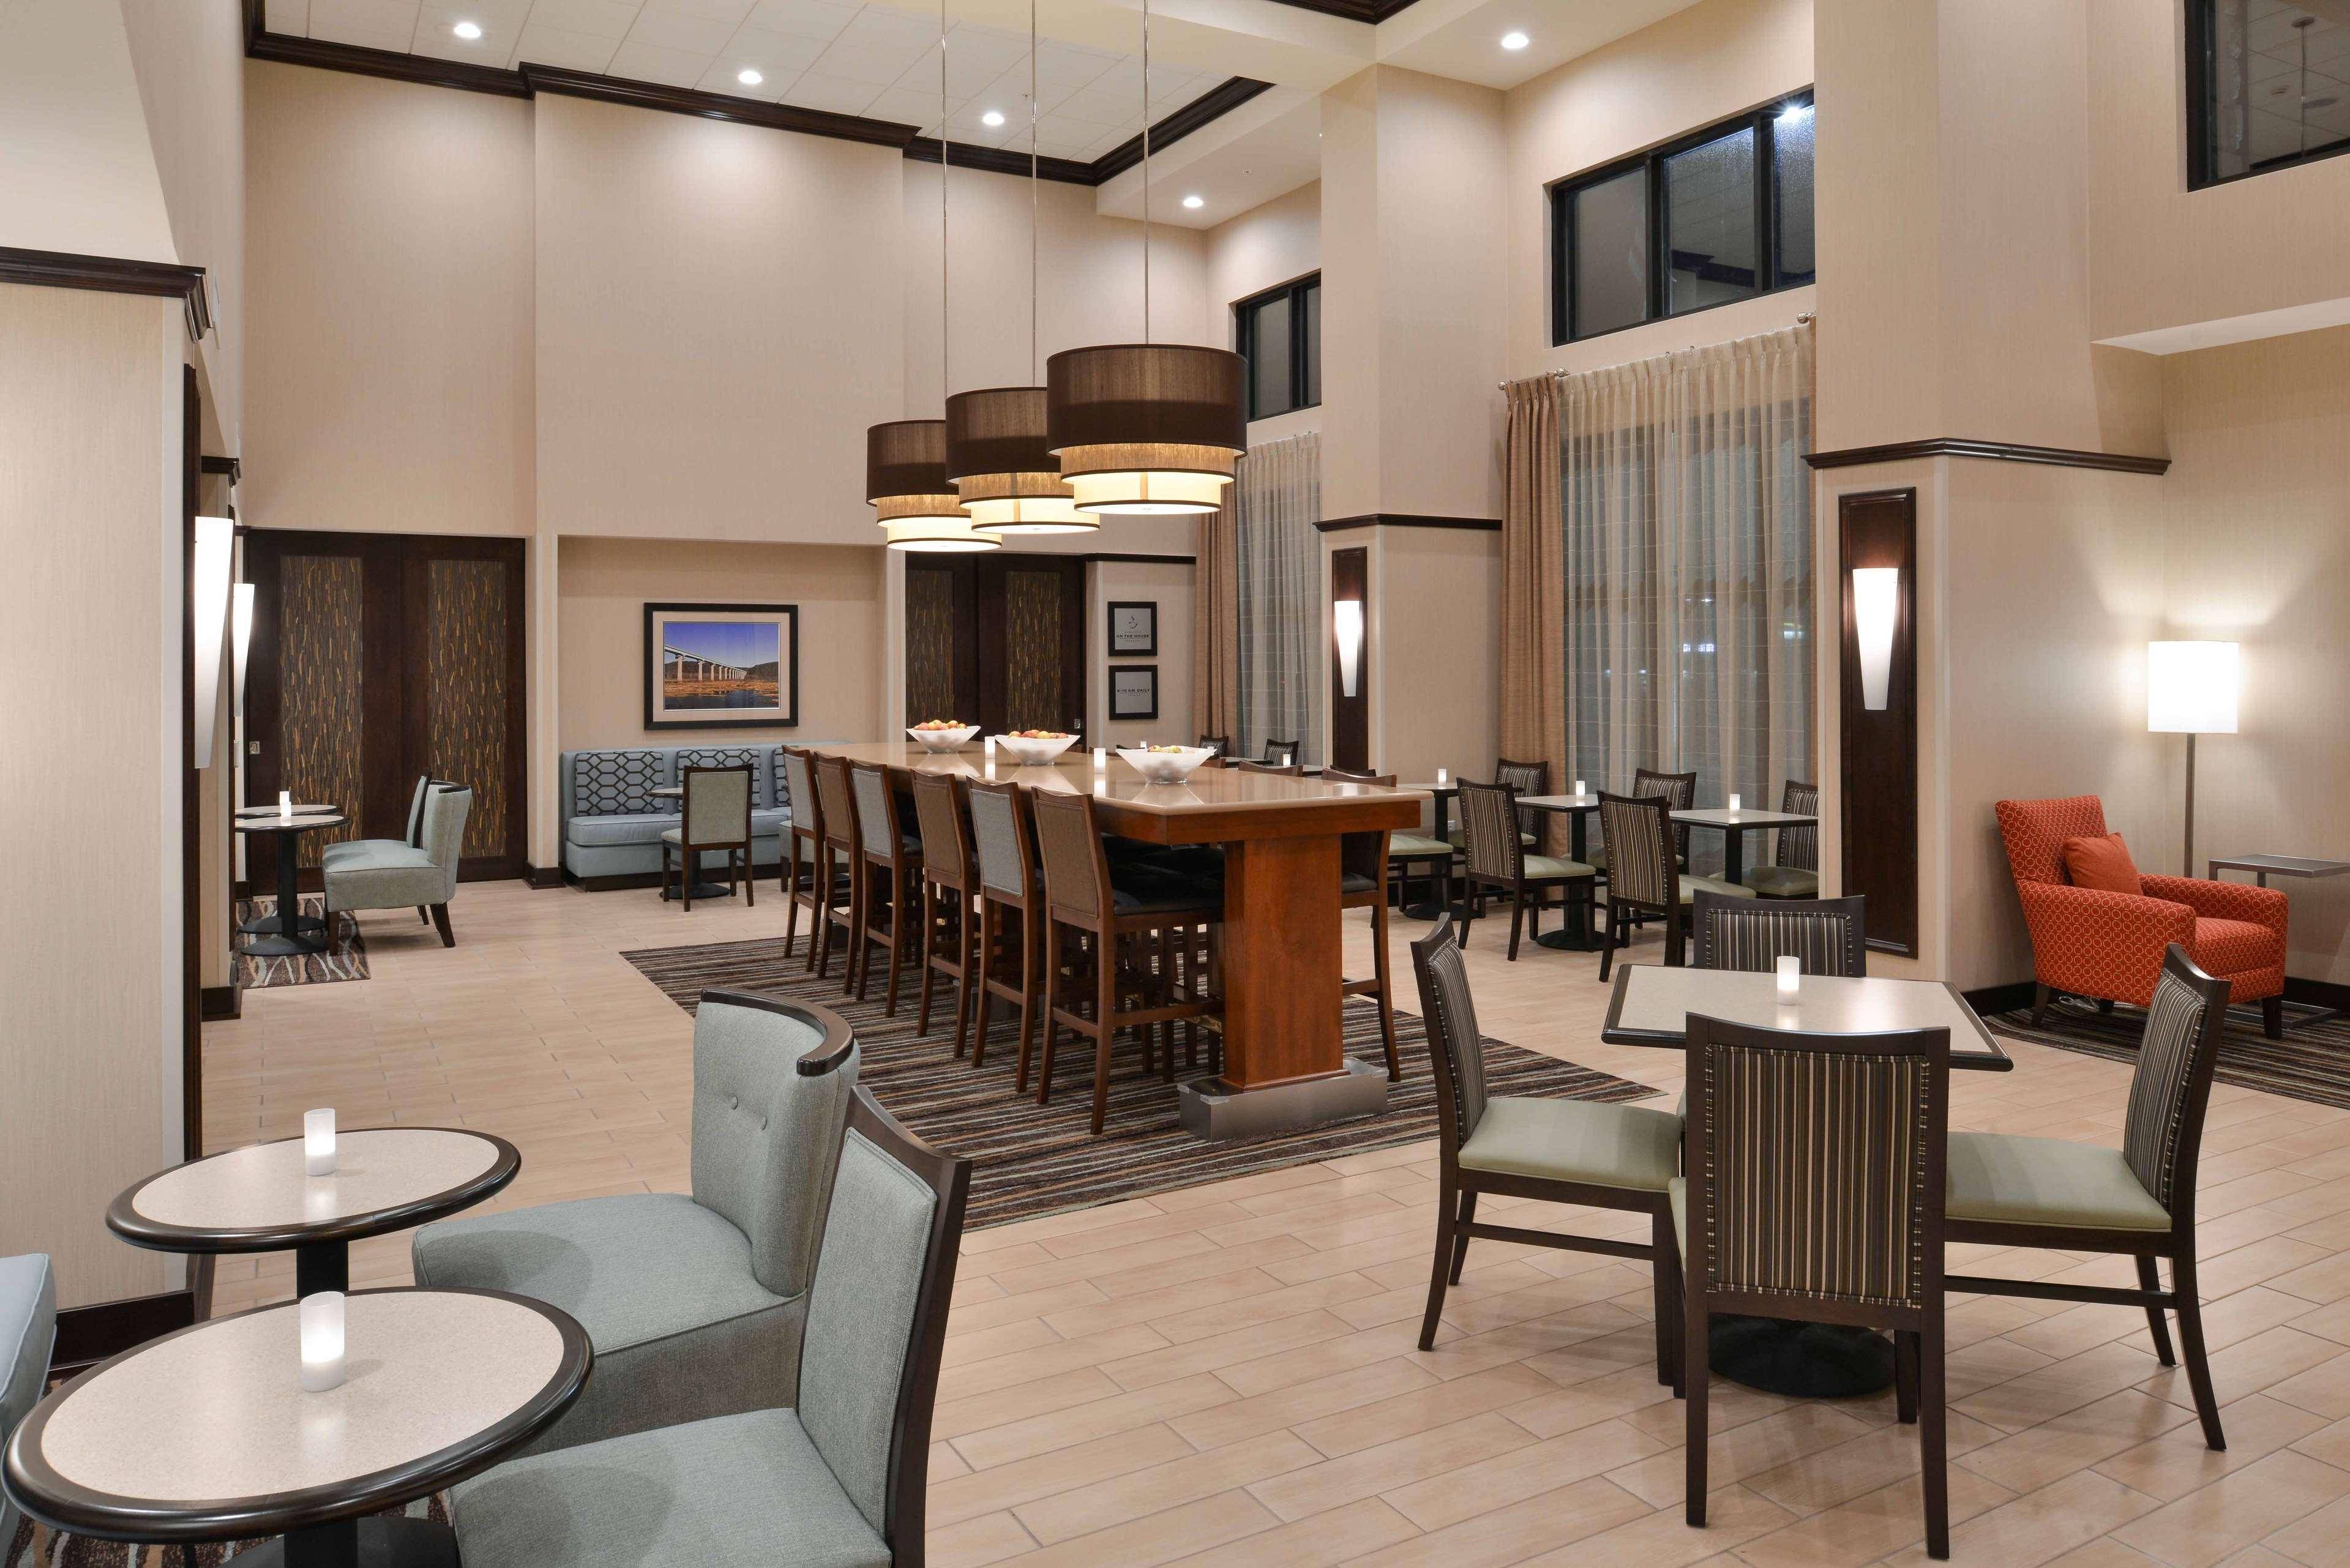 Hampton Inn & Suites Mount Joy/Lancaster West image 8